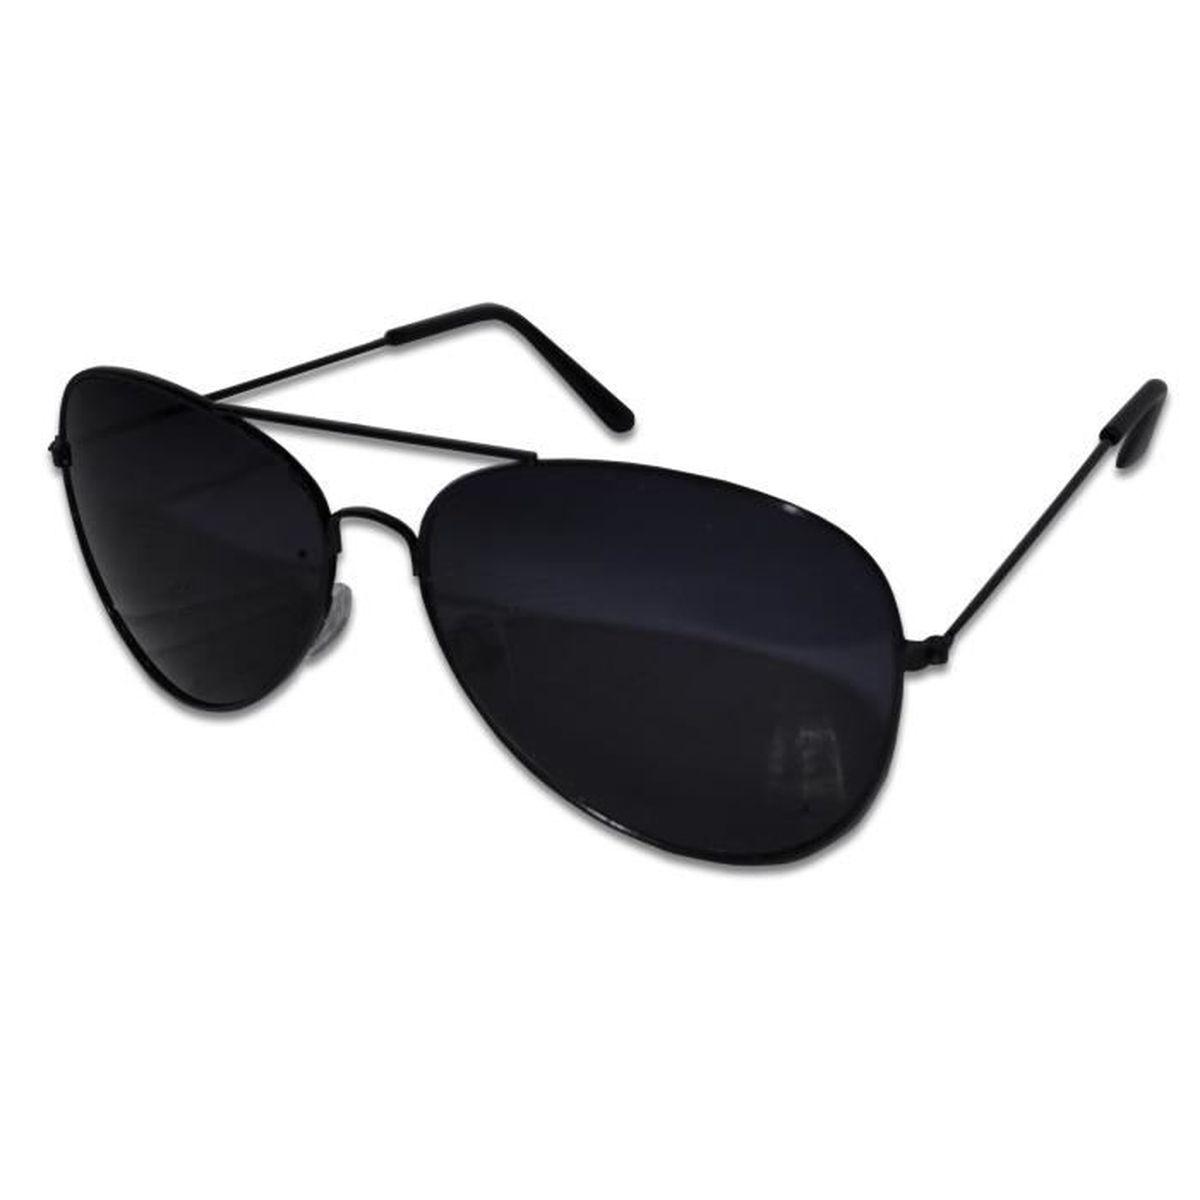 Préféré homme ® Fashion Lunettes de soleil-unisexe lunettes pilotes lunettes